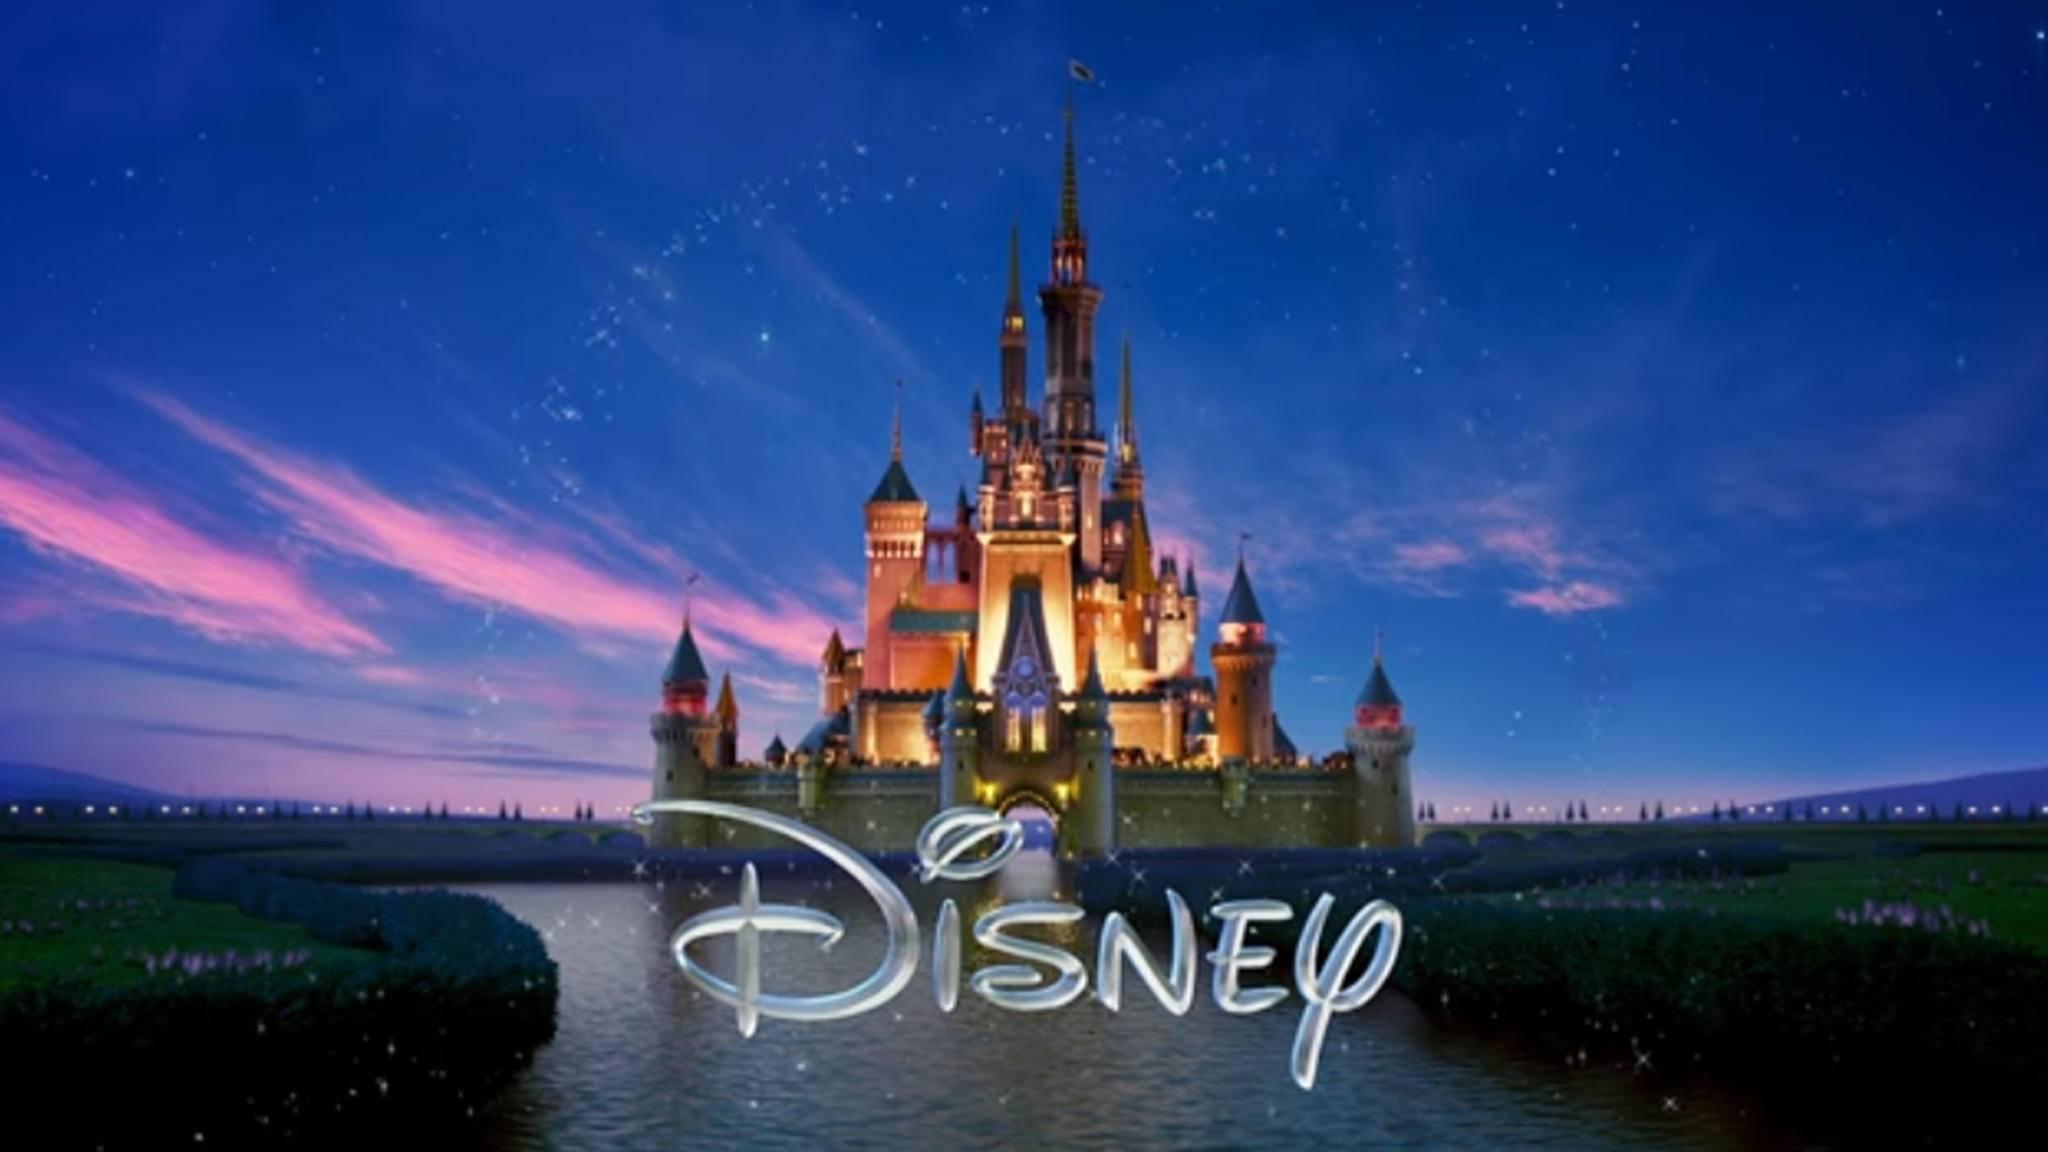 Die meisten Entertainment-Formate von 21st Century Fox gehen nun an Walt Disney.